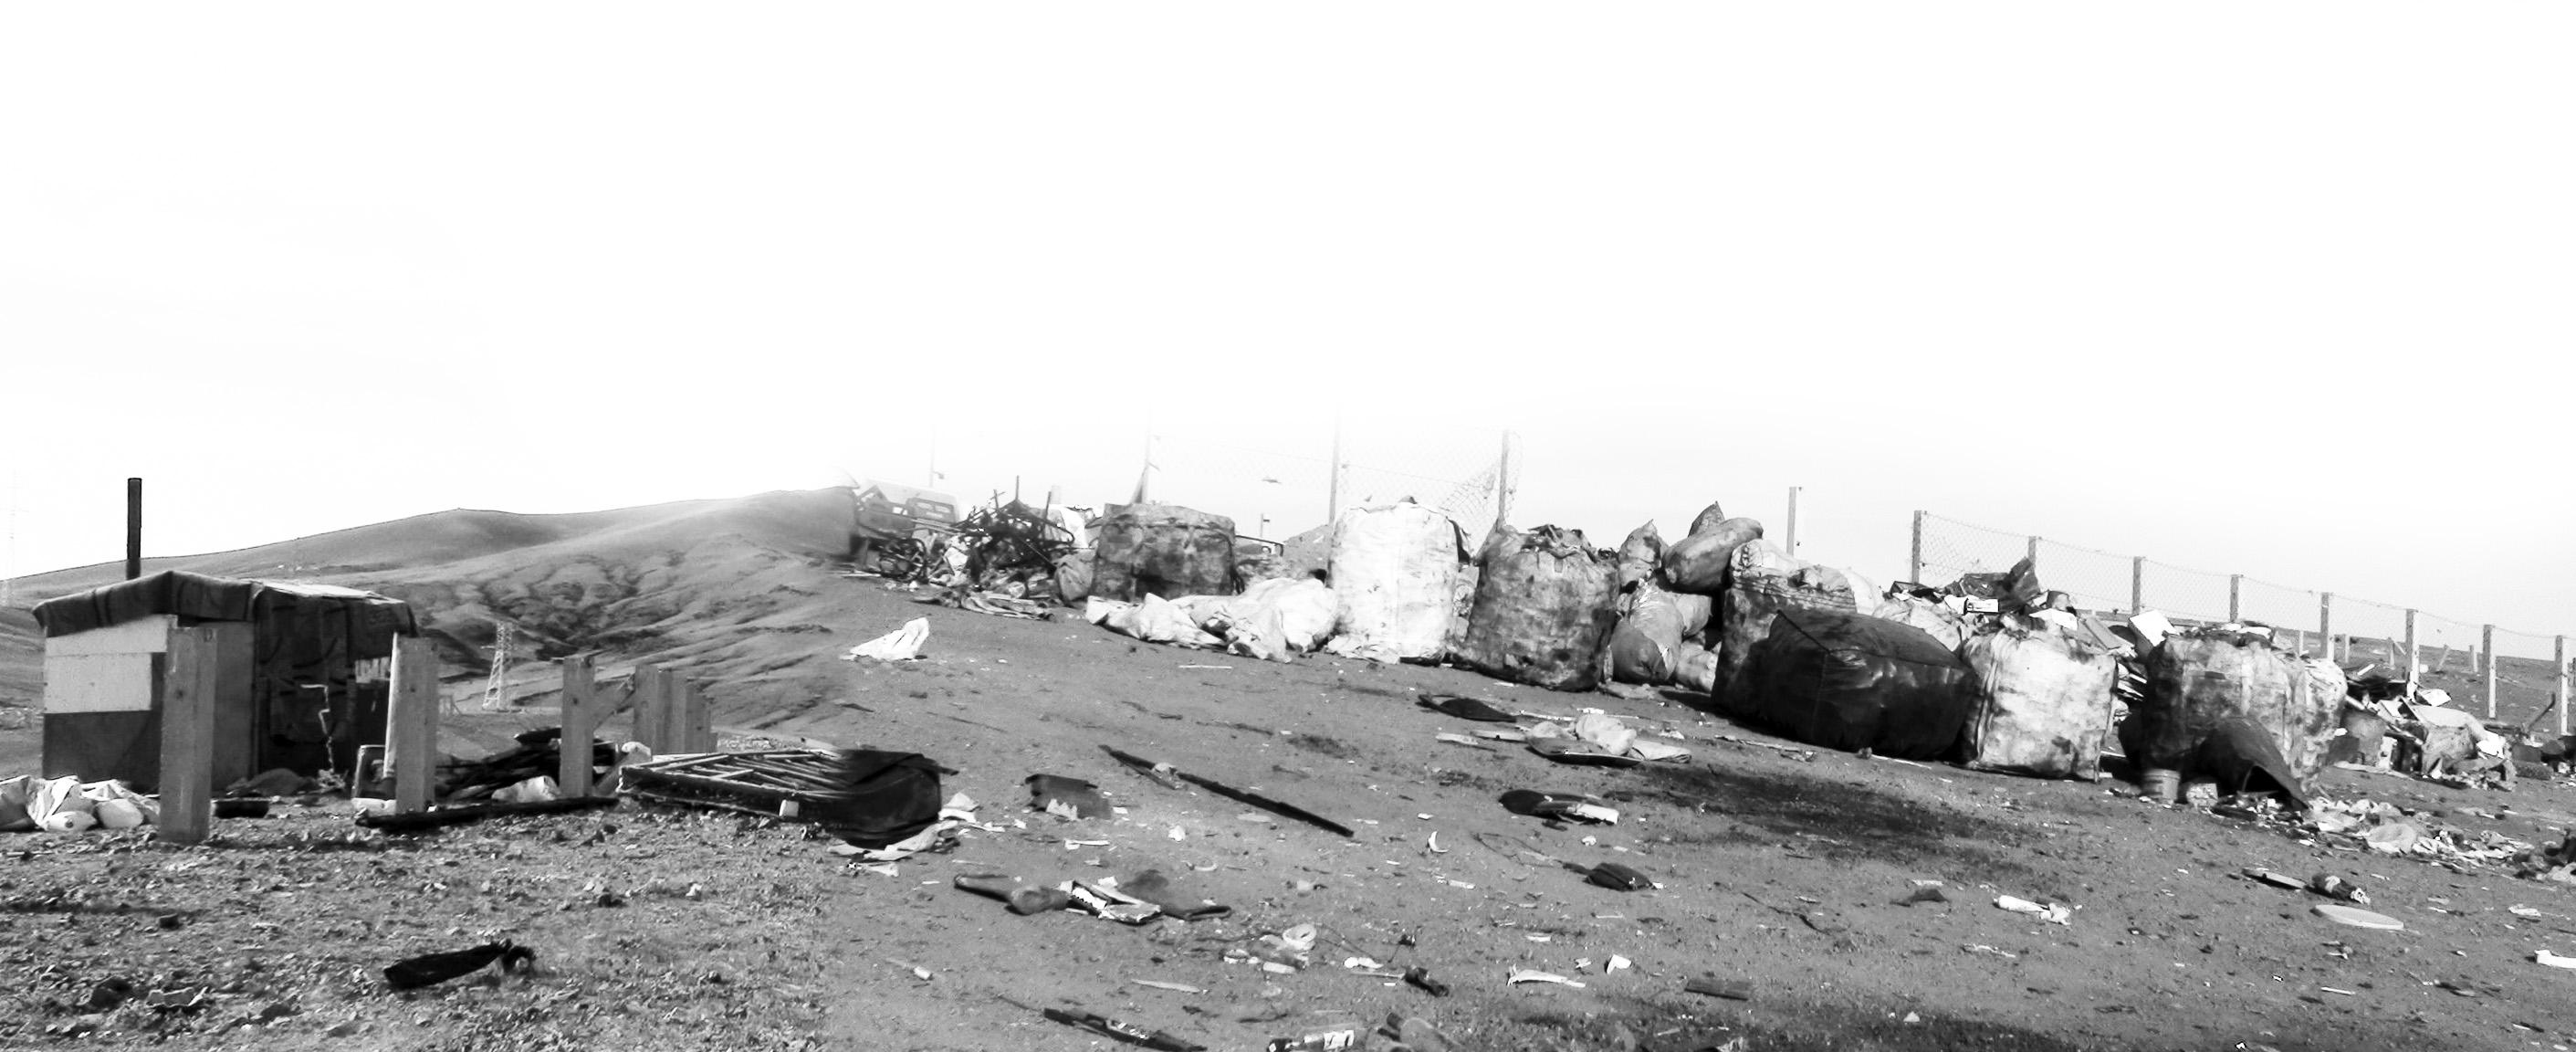 Ядууст төрүүлсэн үр нь, төрд монгол хүний амь үнэгүйджээ